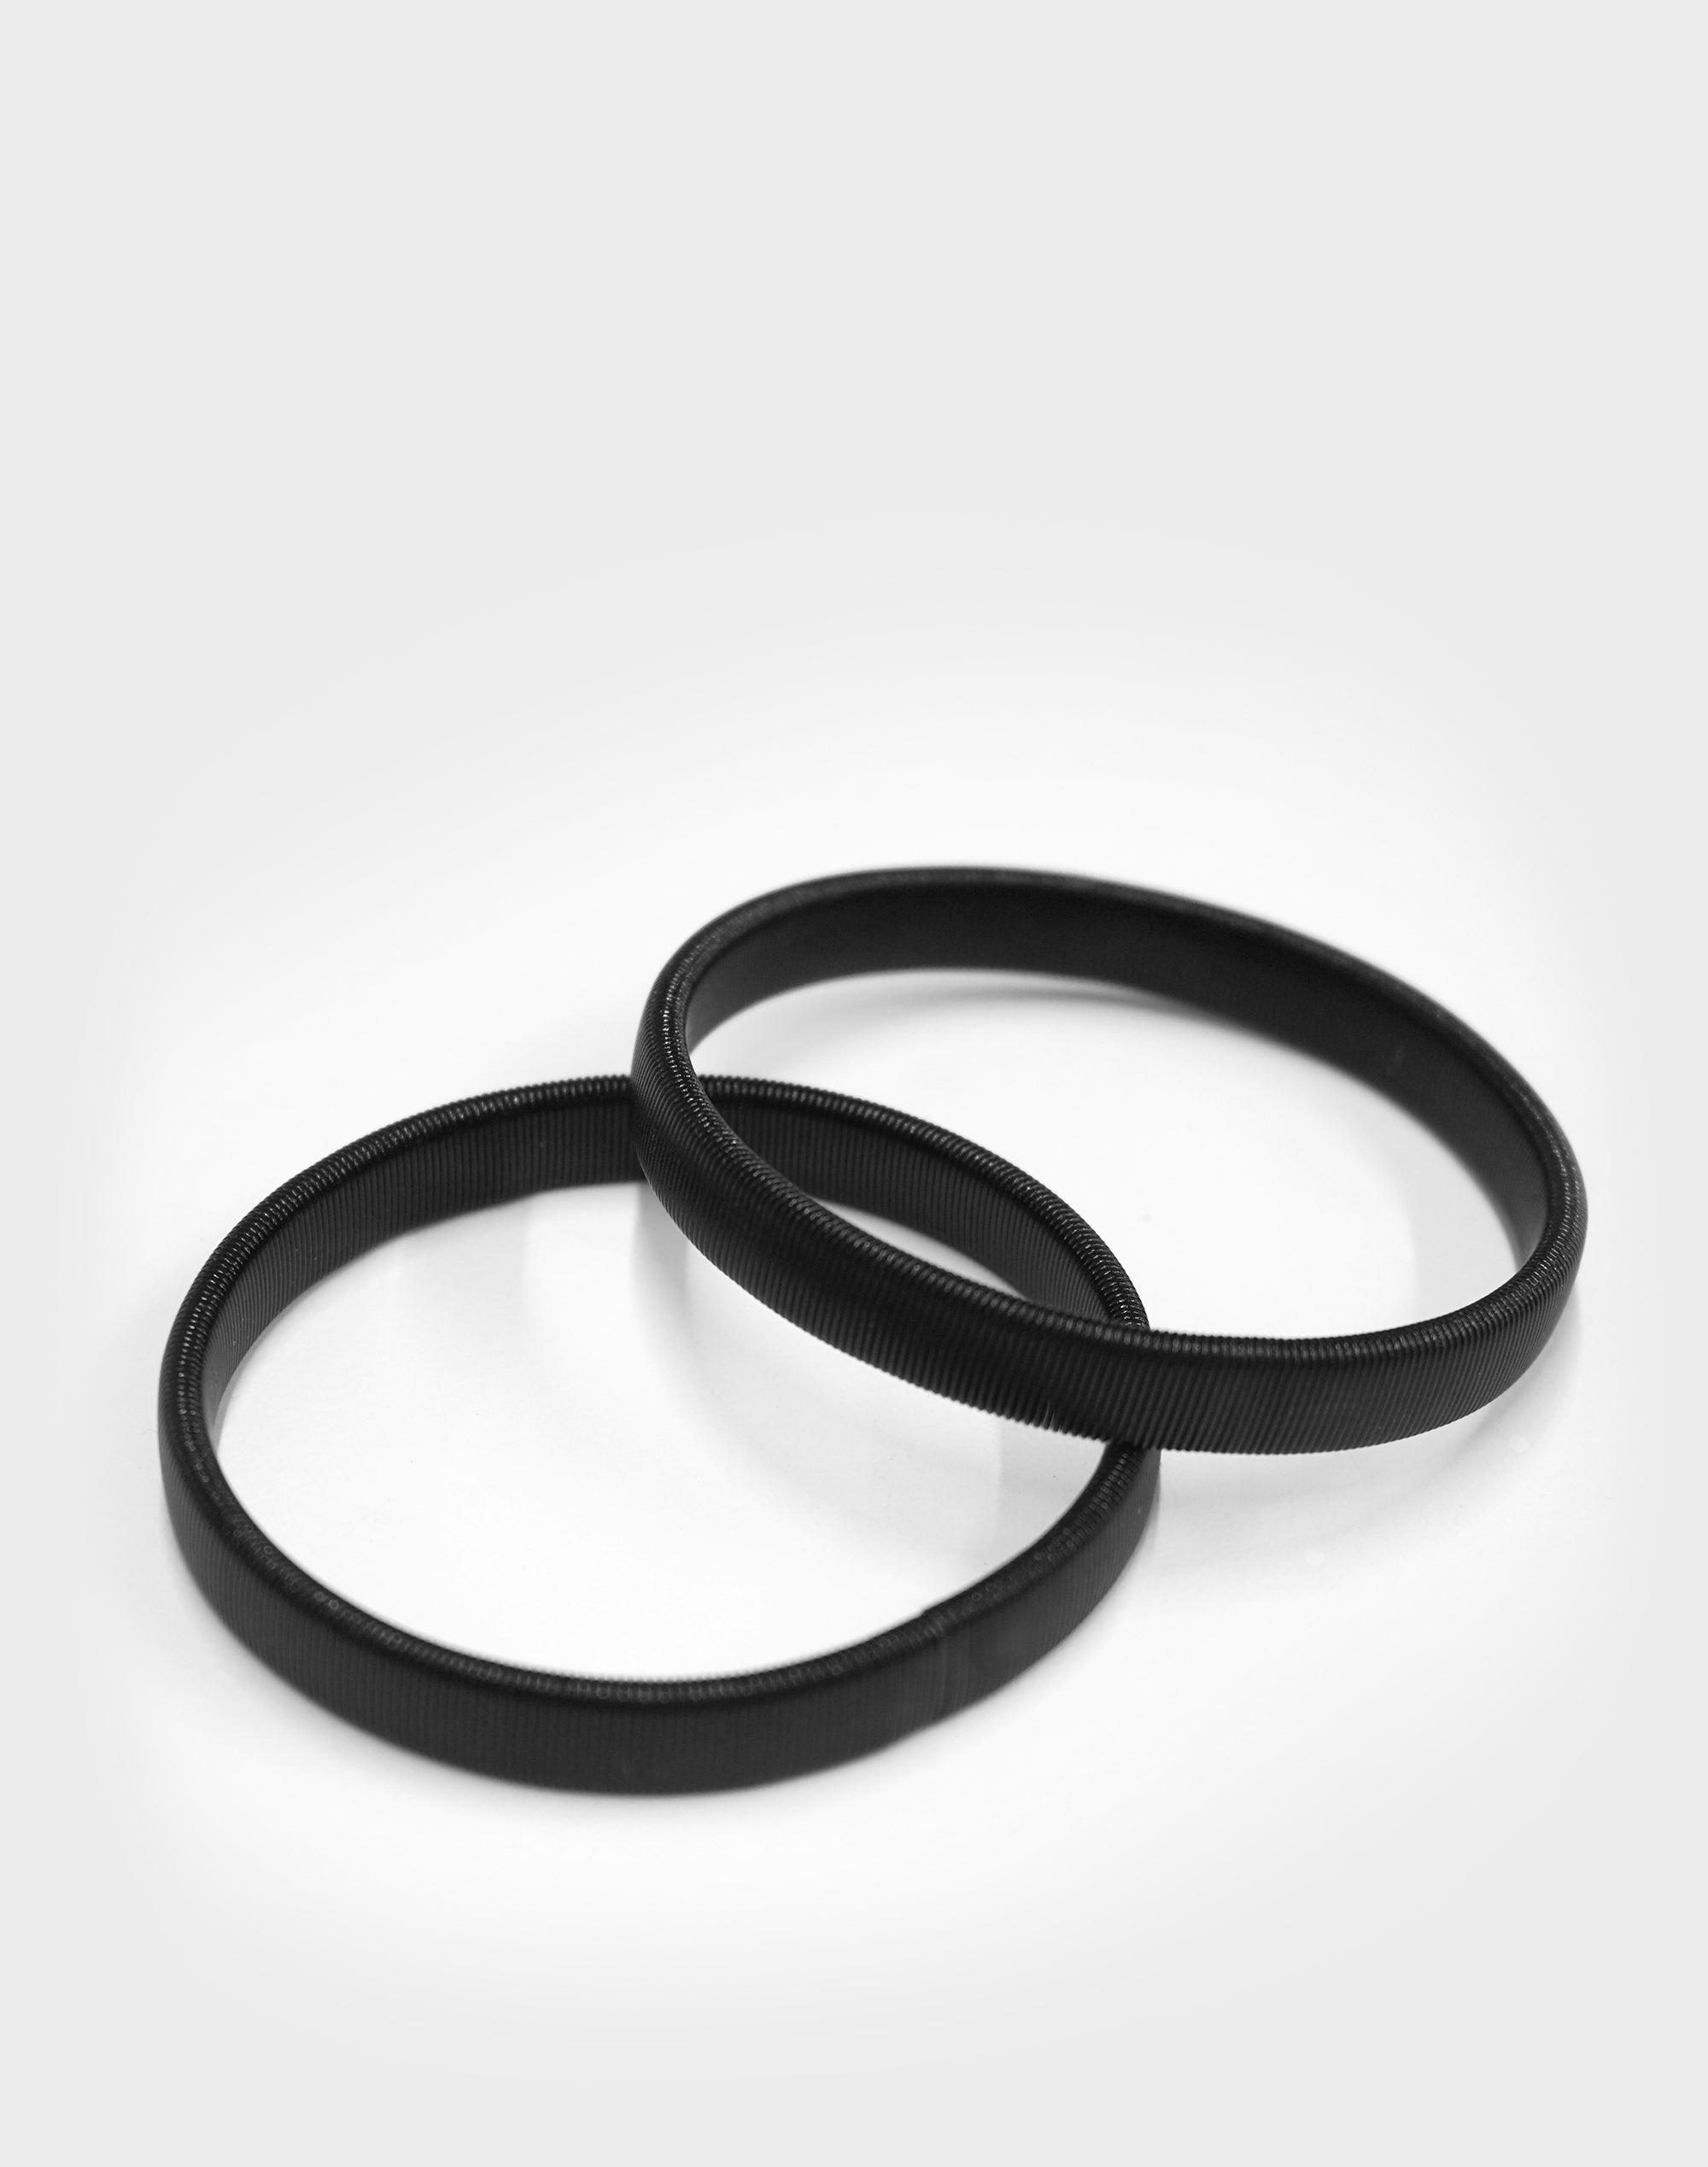 STORM Arm Bands